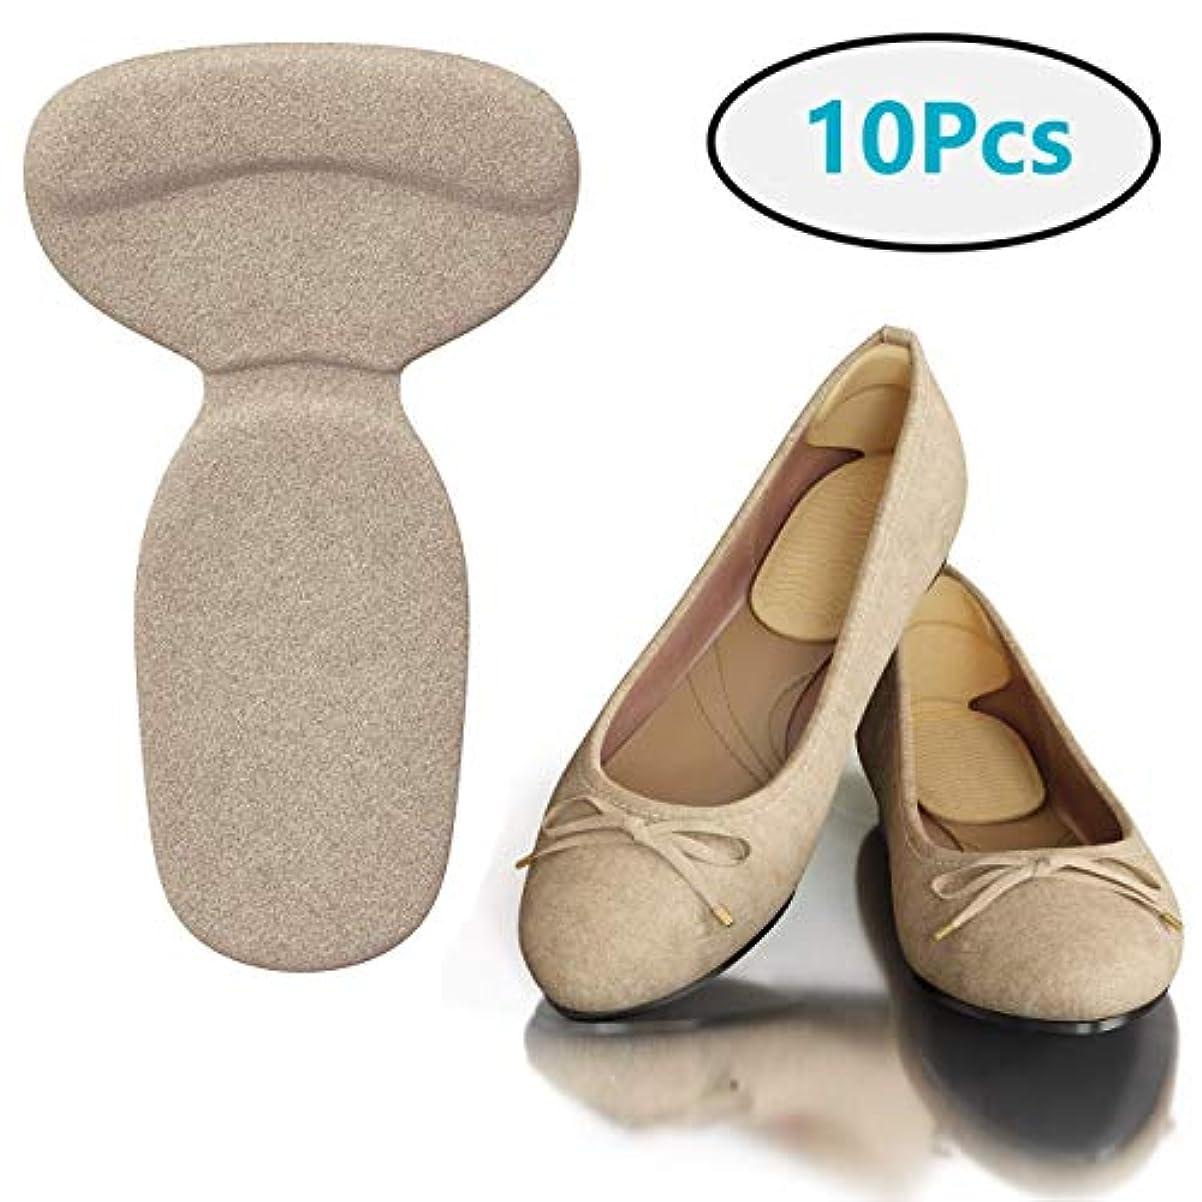 熟読乳白色噛む大きすぎる靴のヒールグリップ-10靴インサートパッド-足の痛みの軽減、足底筋膜炎、骨の痛み、アキレスの痛みのためのジェルヒールカップ